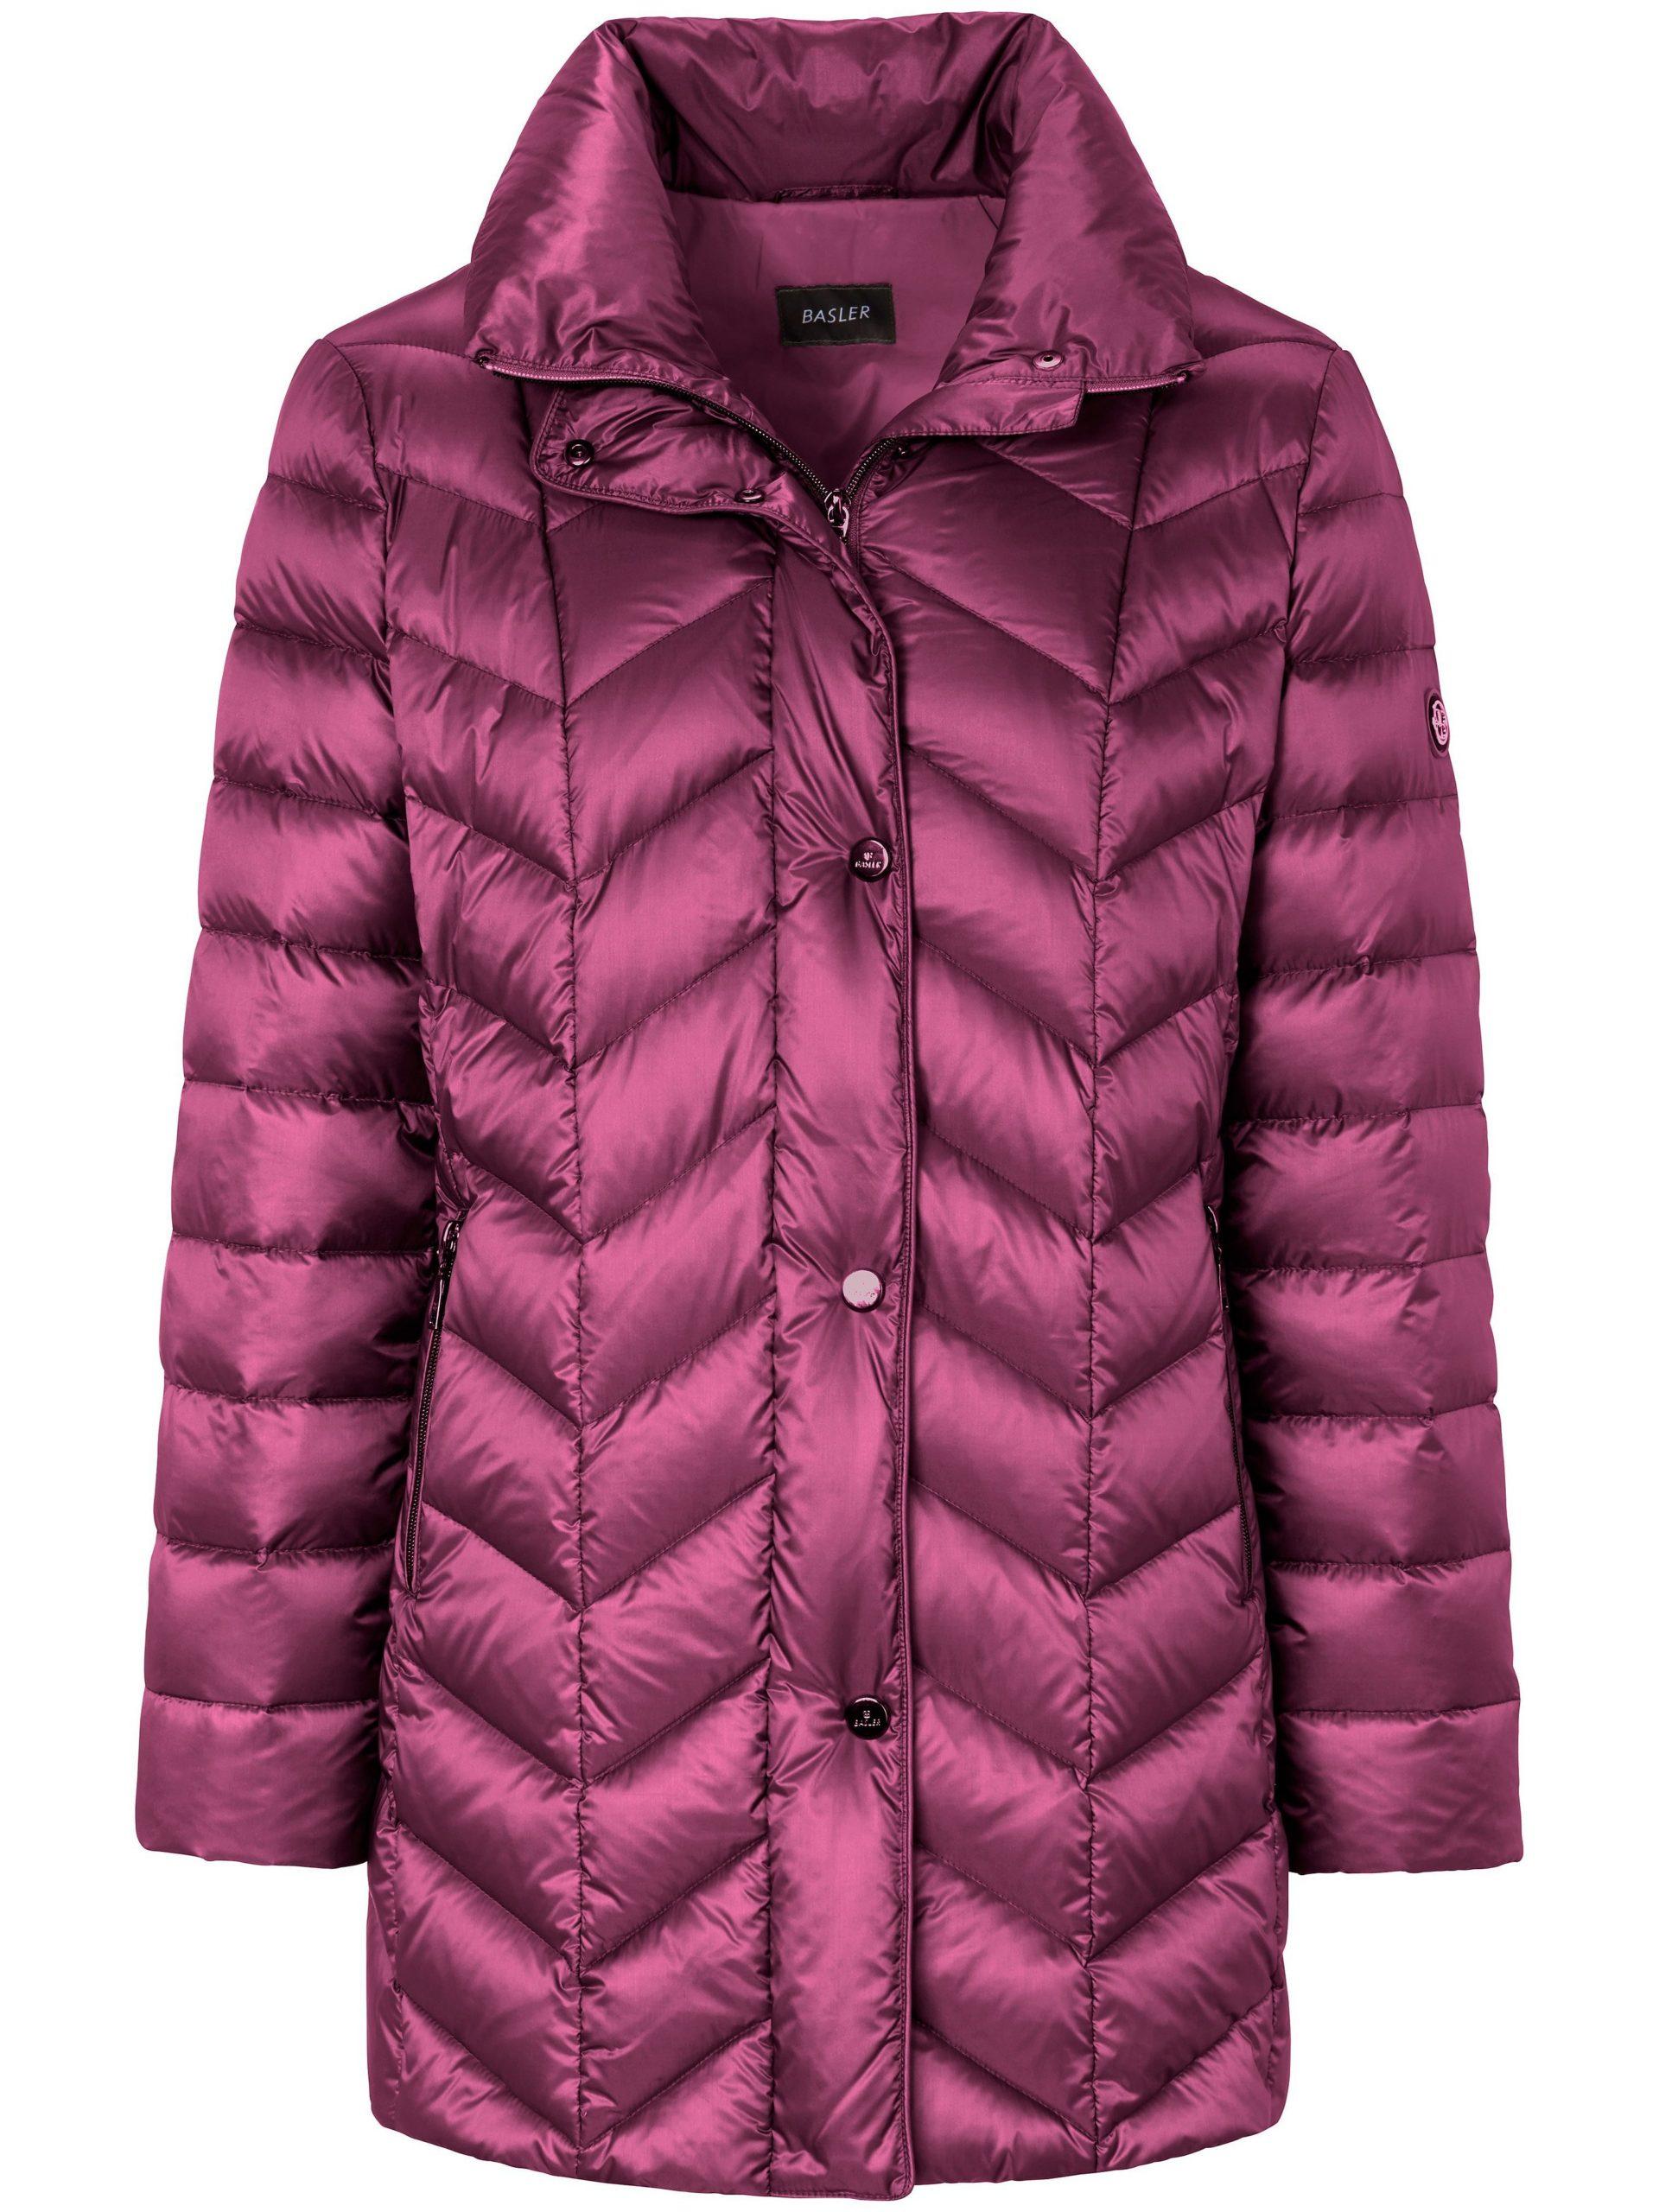 Gewatteerde donzen jas Van Basler roze Kopen